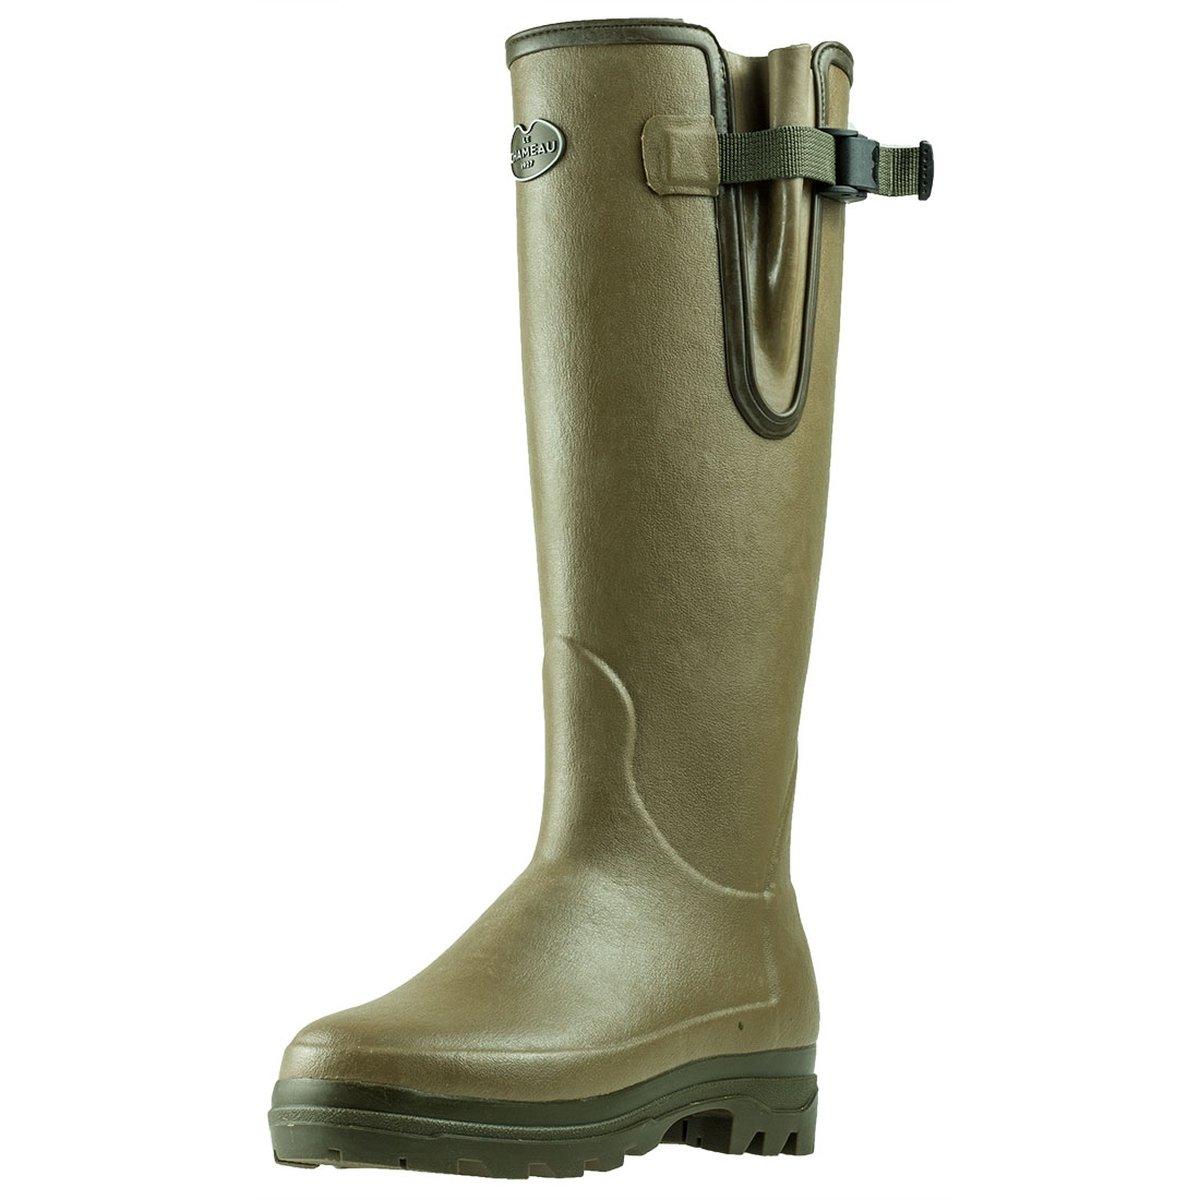 Le Chameau Footwear Women's Vierzonord Rain Boot, Vert Vierzon, 37 EU/6 M US